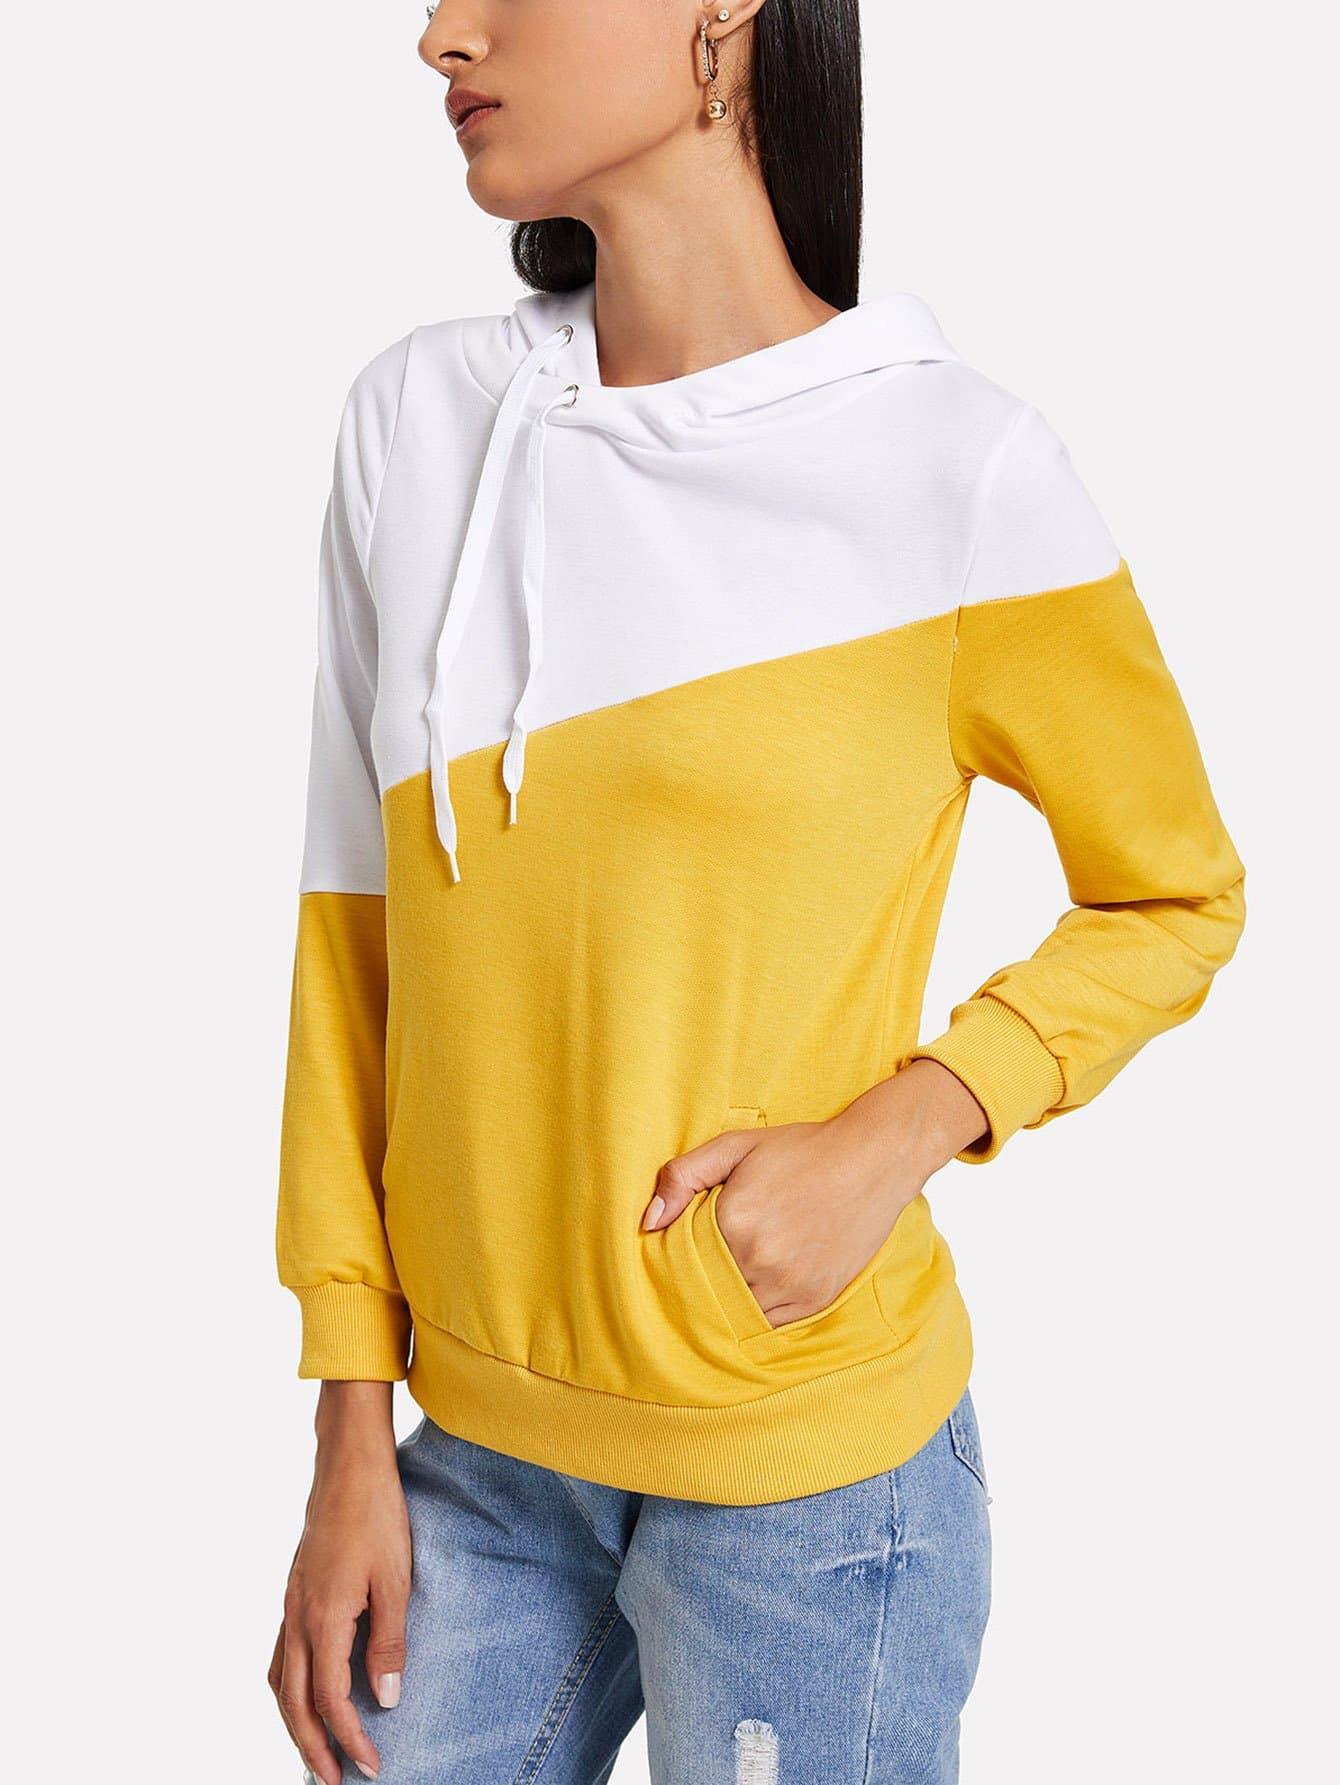 Купить Цветная кусковая спортивная футболка с капюшоном, Kary, SheIn